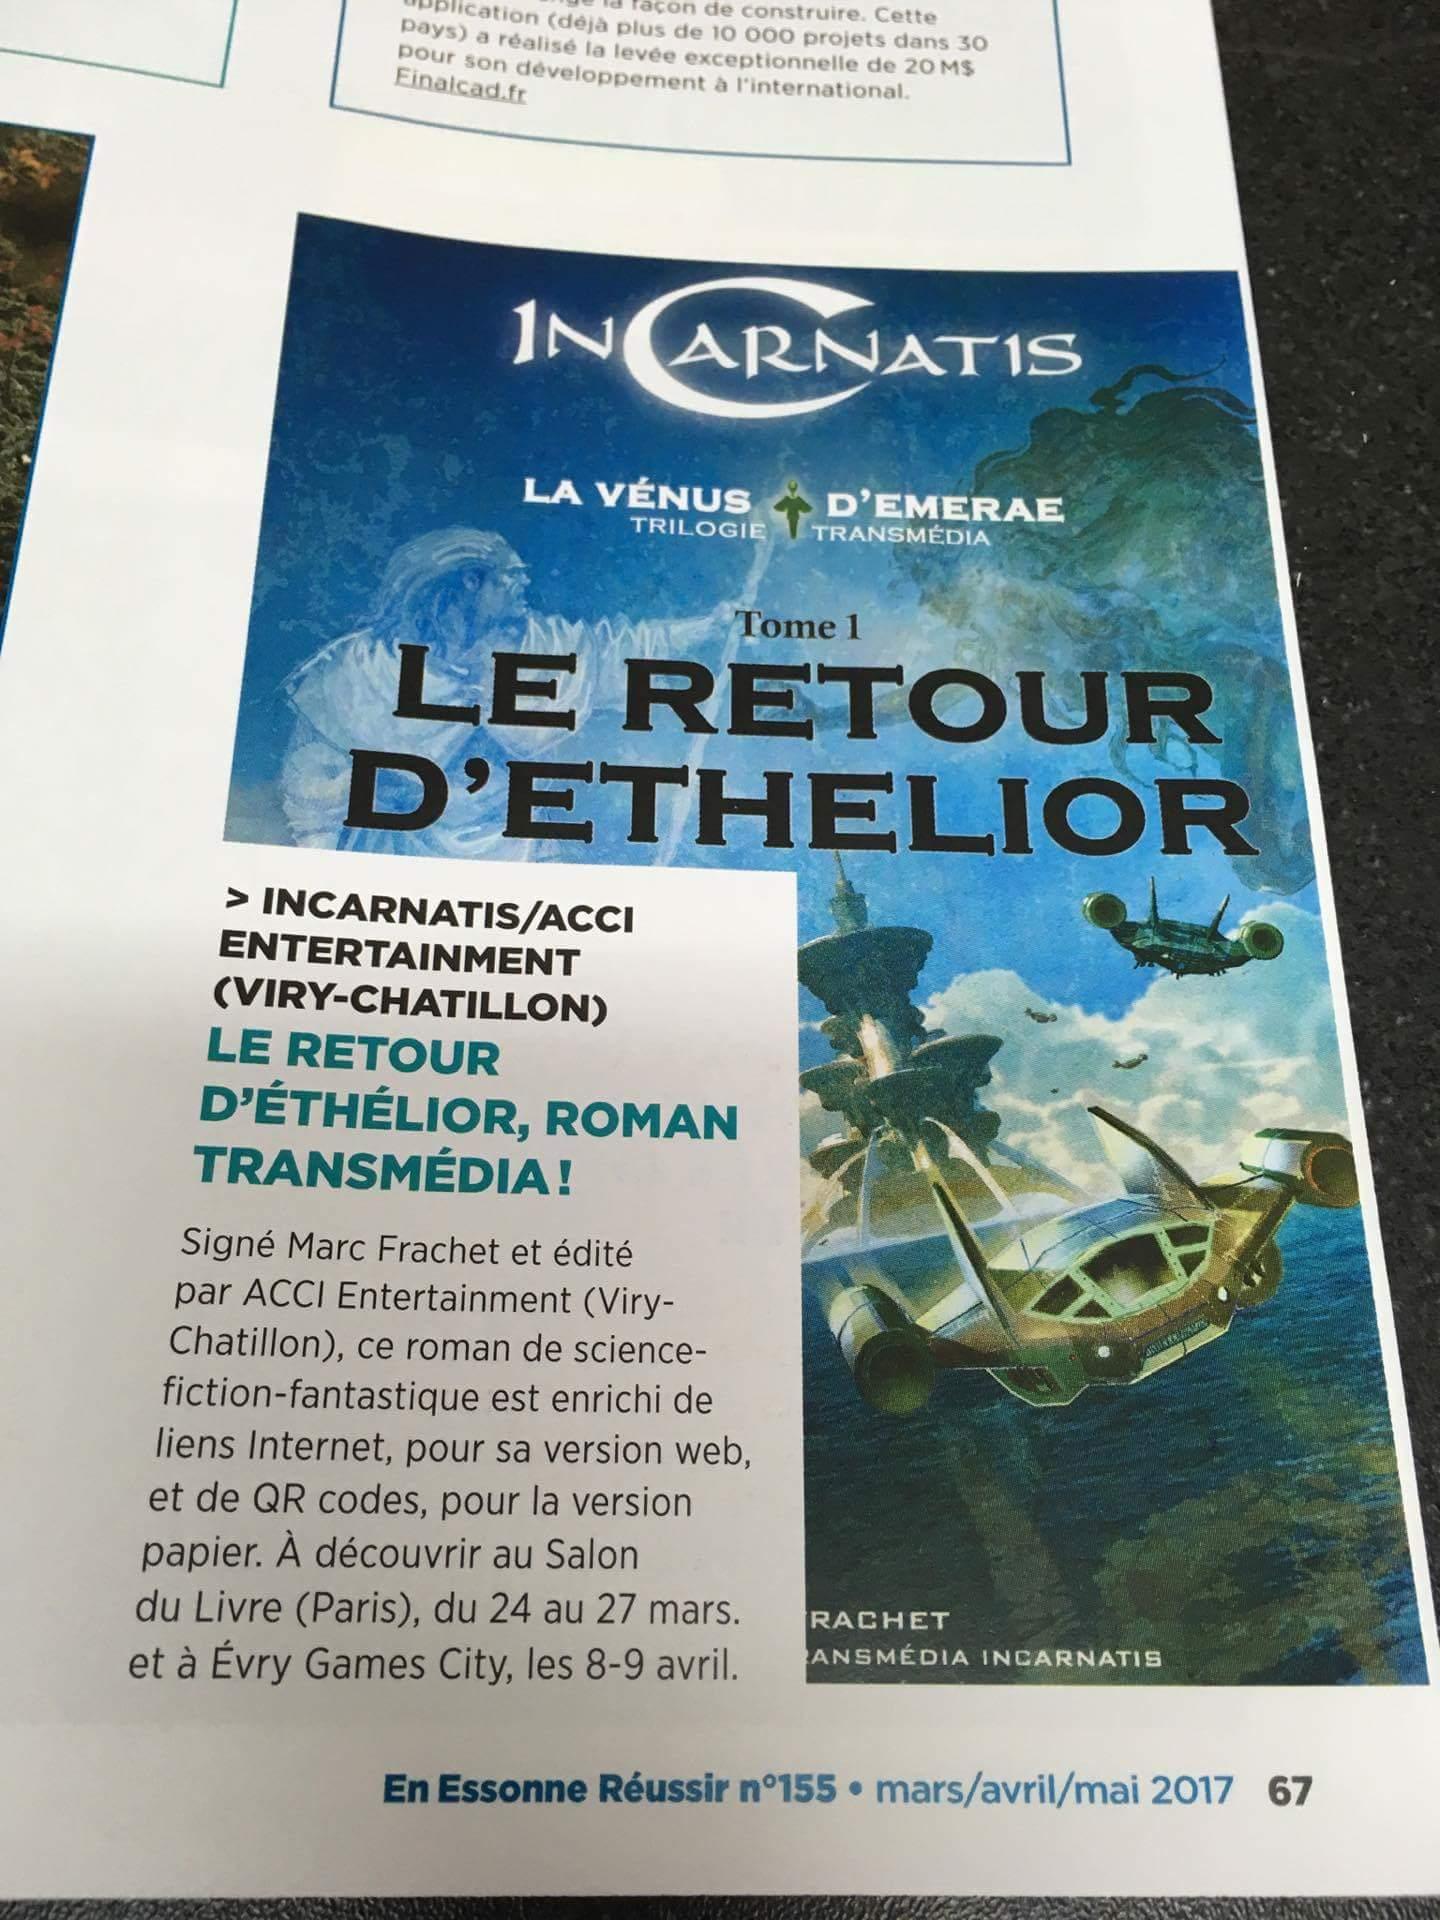 Article sur le roman transmédia InCarnatis - publé dans le magazine